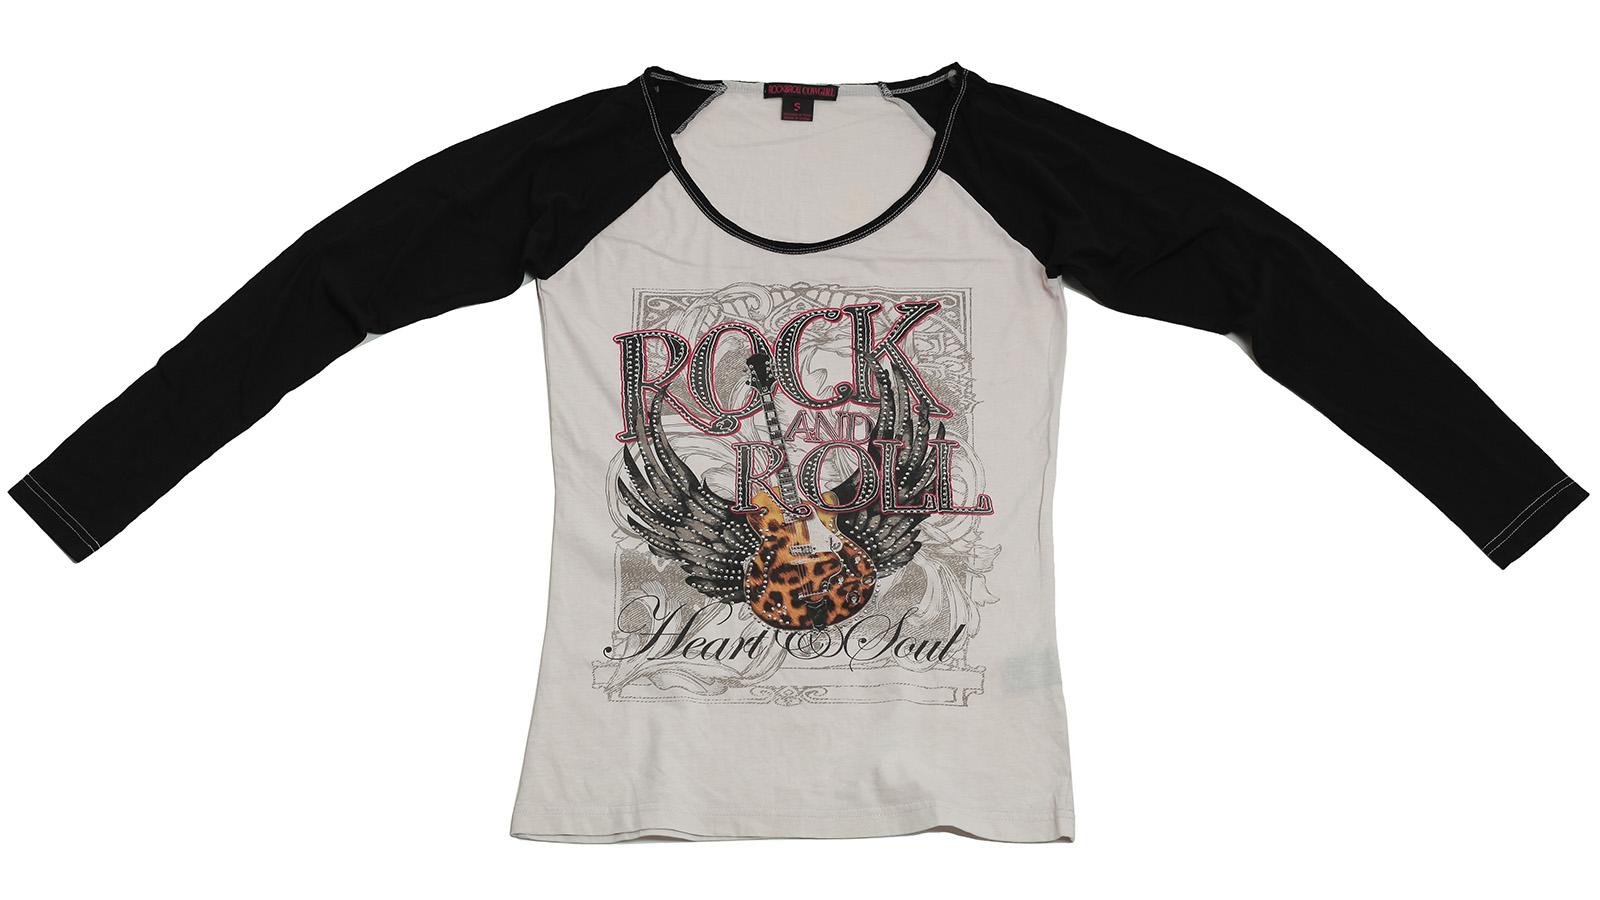 Дизайнерская кофточка Rock&Roll CowGirl с гитарой и крыльями. Уникальная модель отличного качества